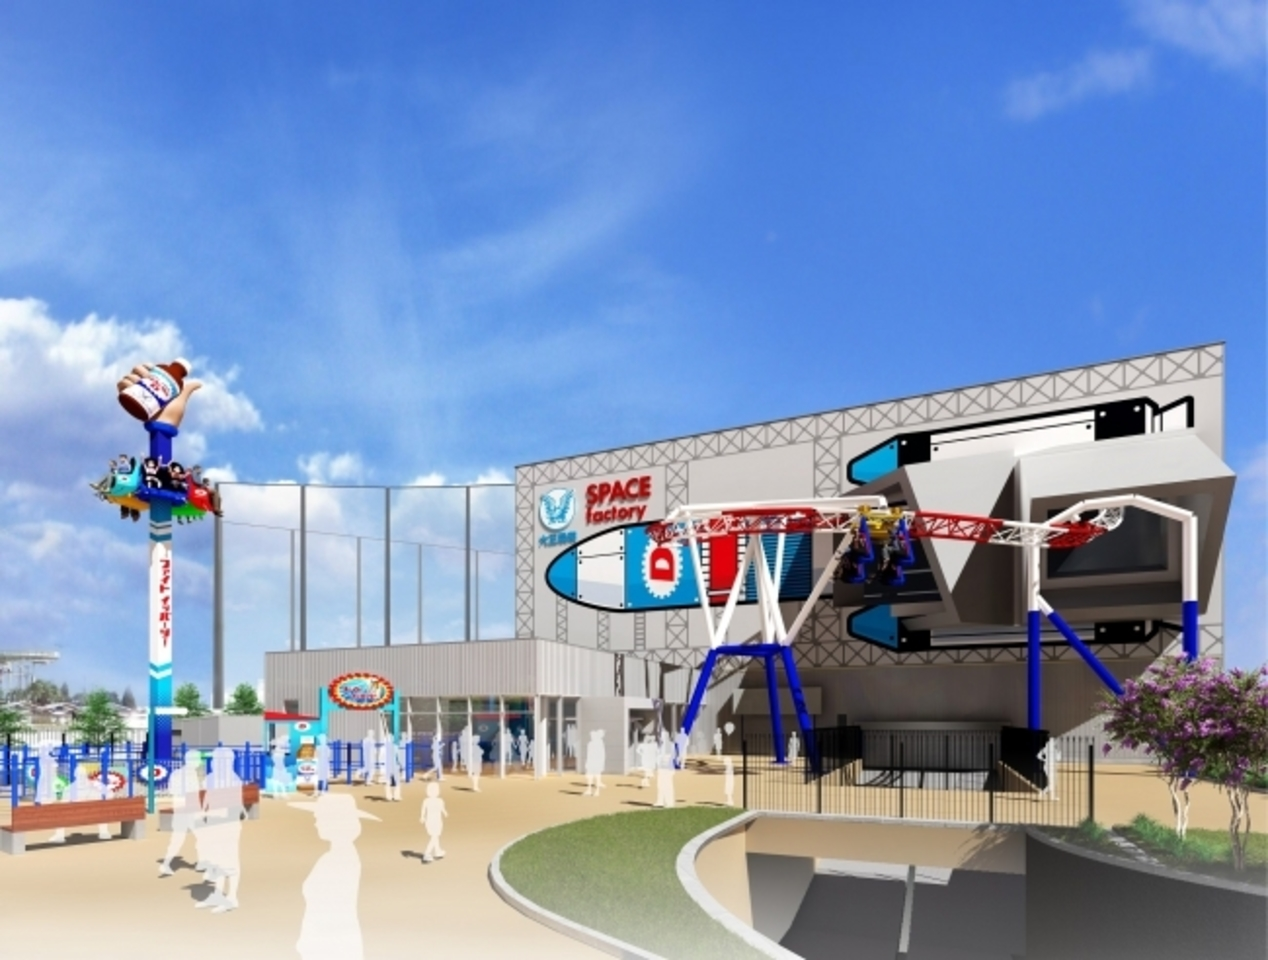 よみうりランド遊園地エリアのグッジョバ!!に「SPACE factory」2021年春誕生!